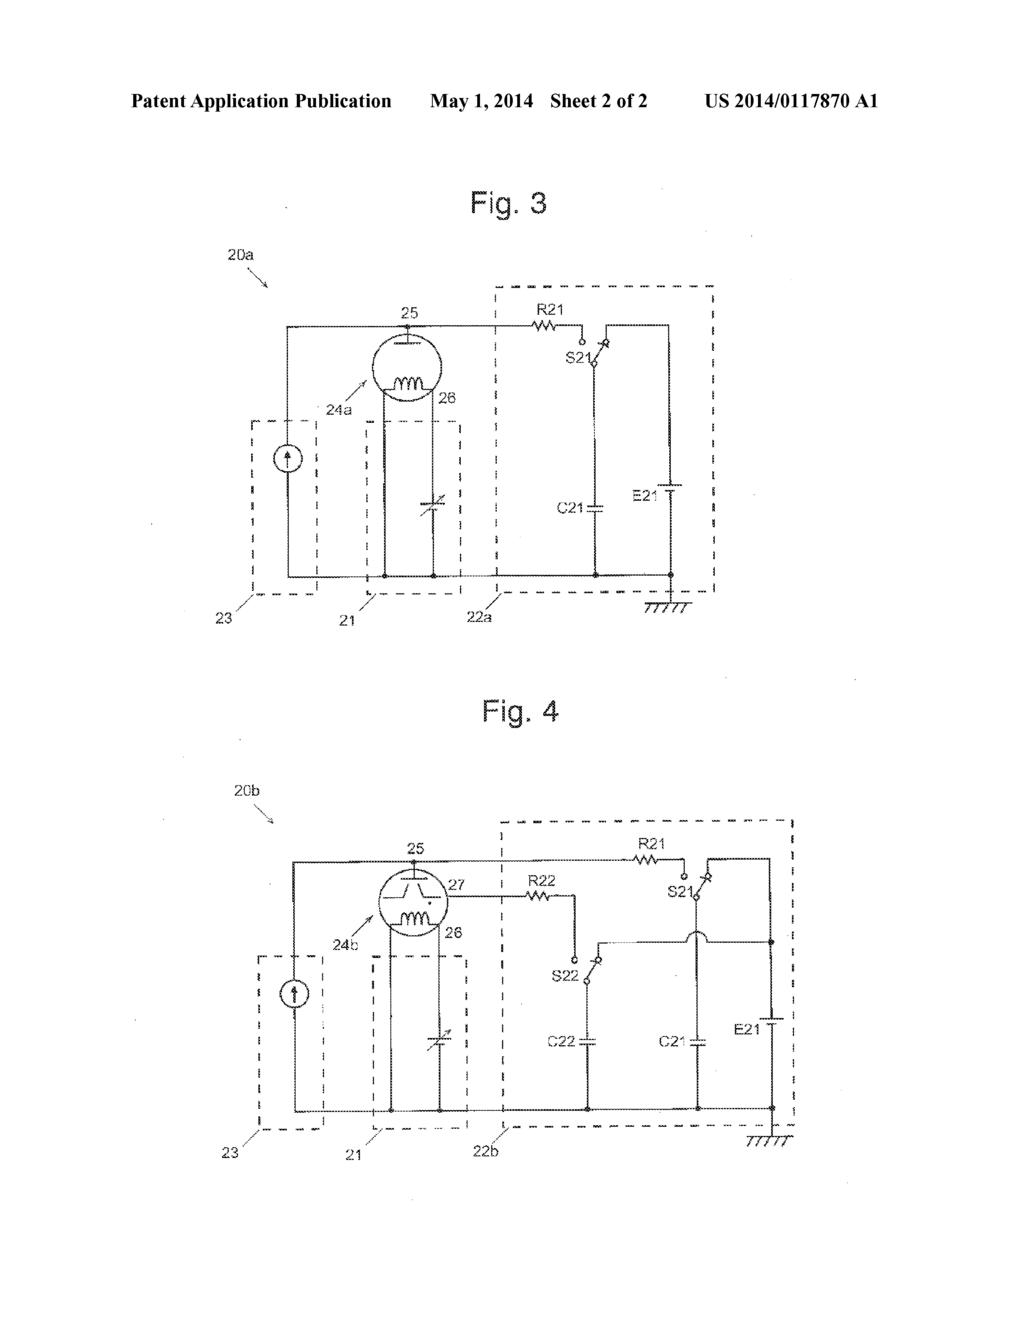 Deuterium Lamp Power Supply Circuit Diagram Schematic And Image 03